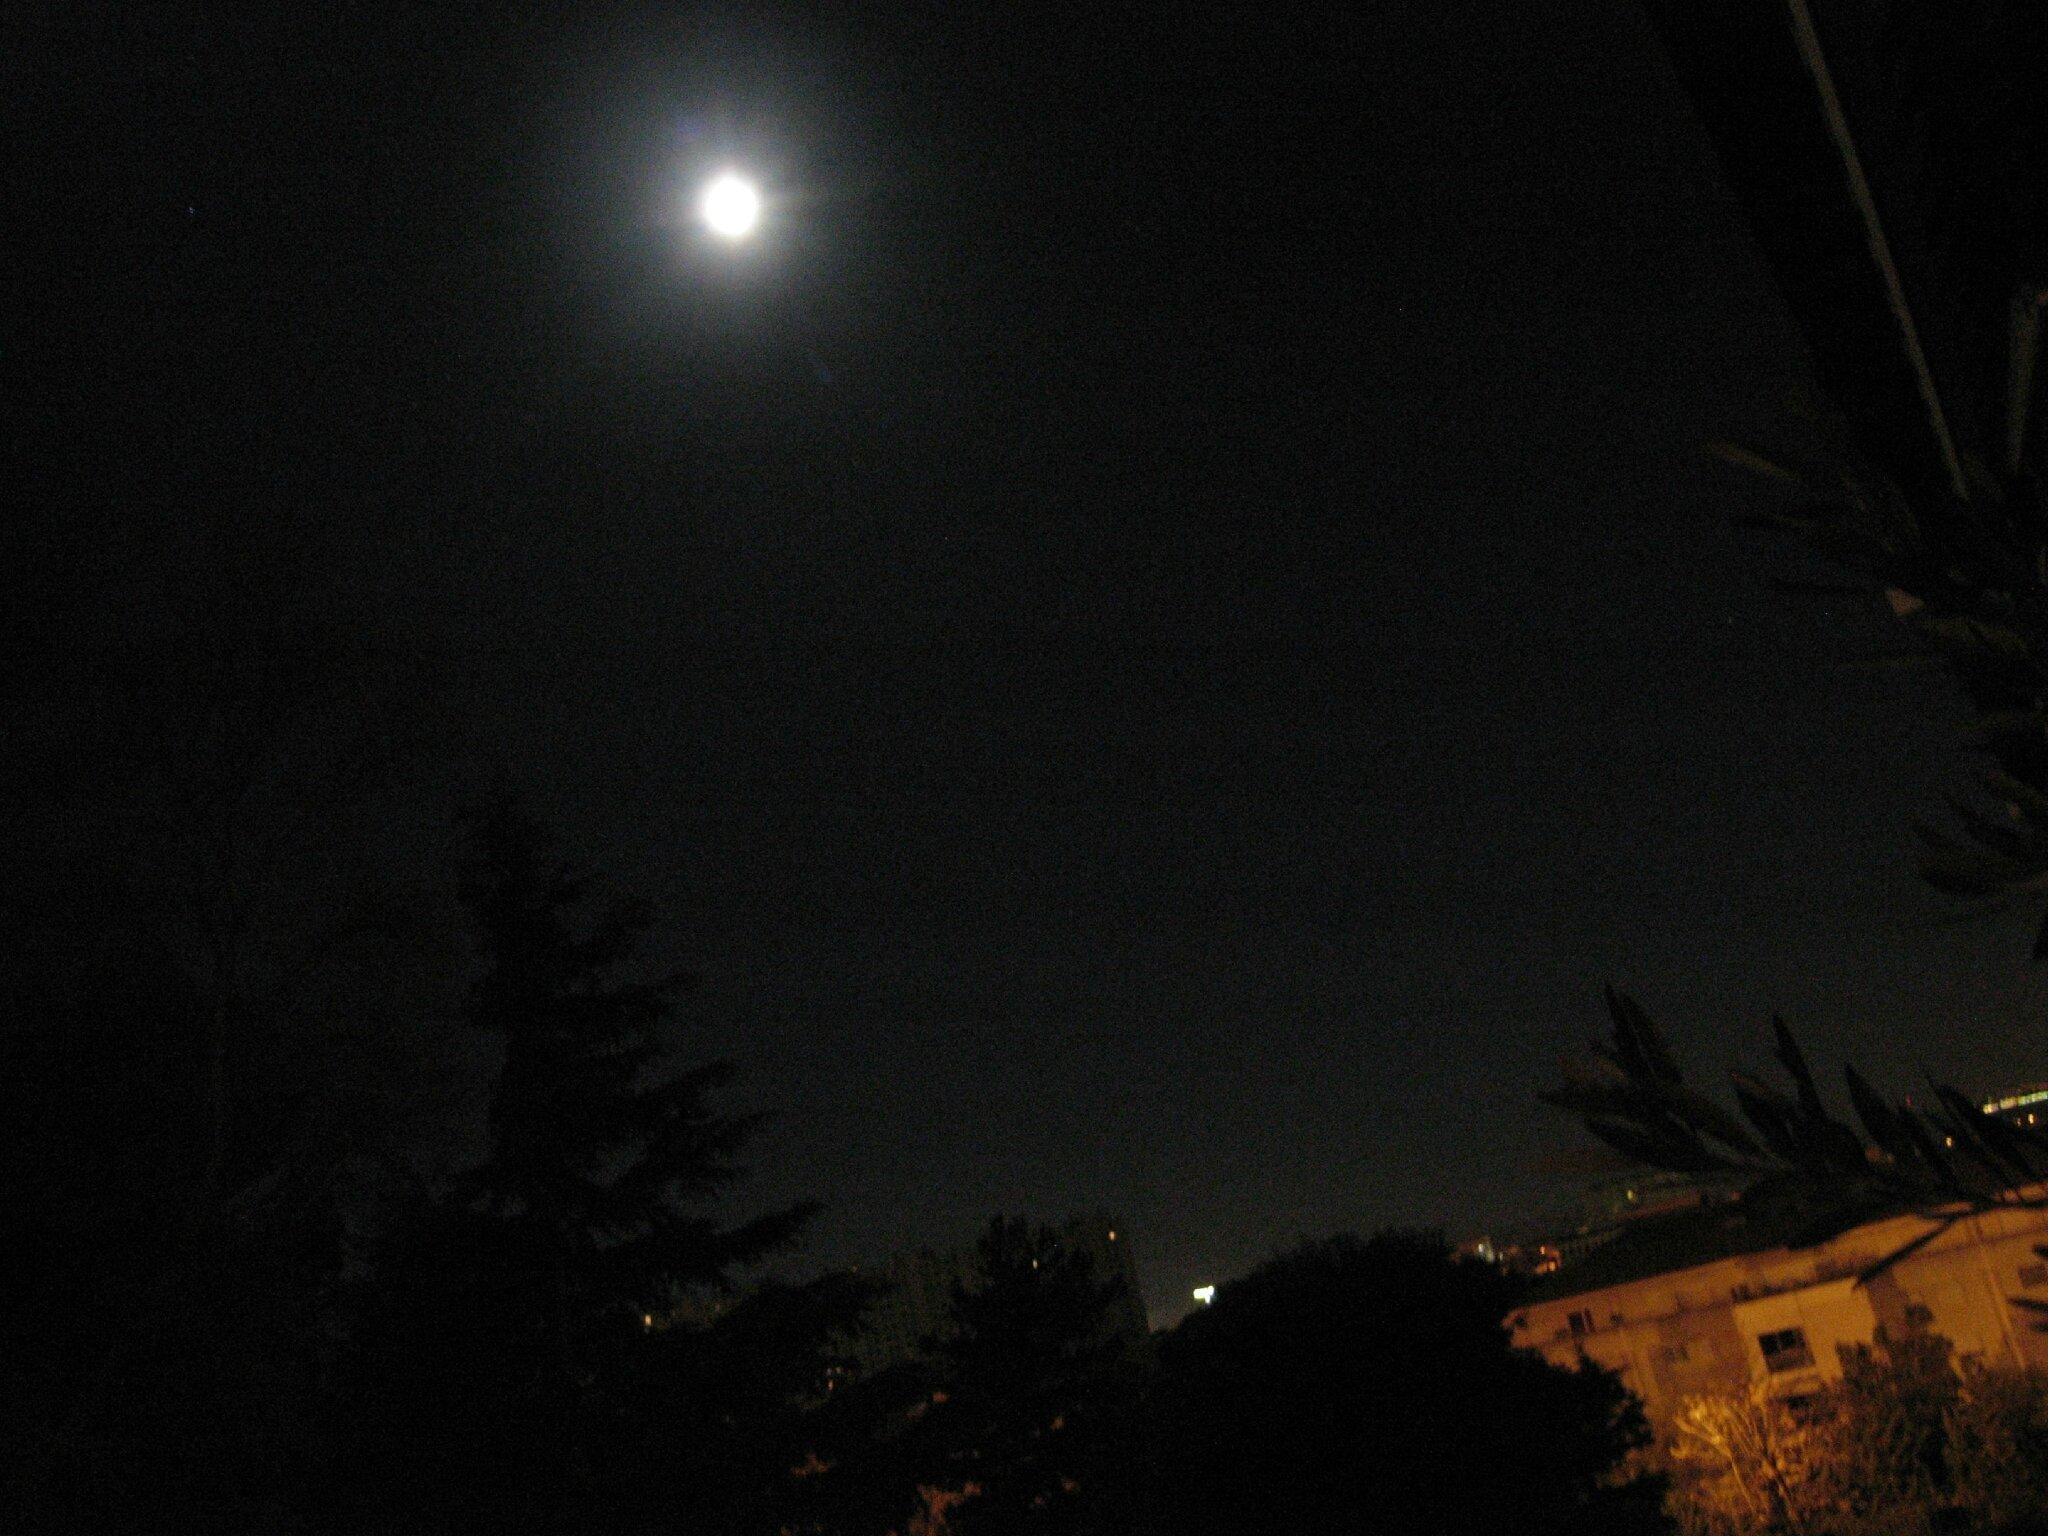 Comment passer la nuit blanche ...